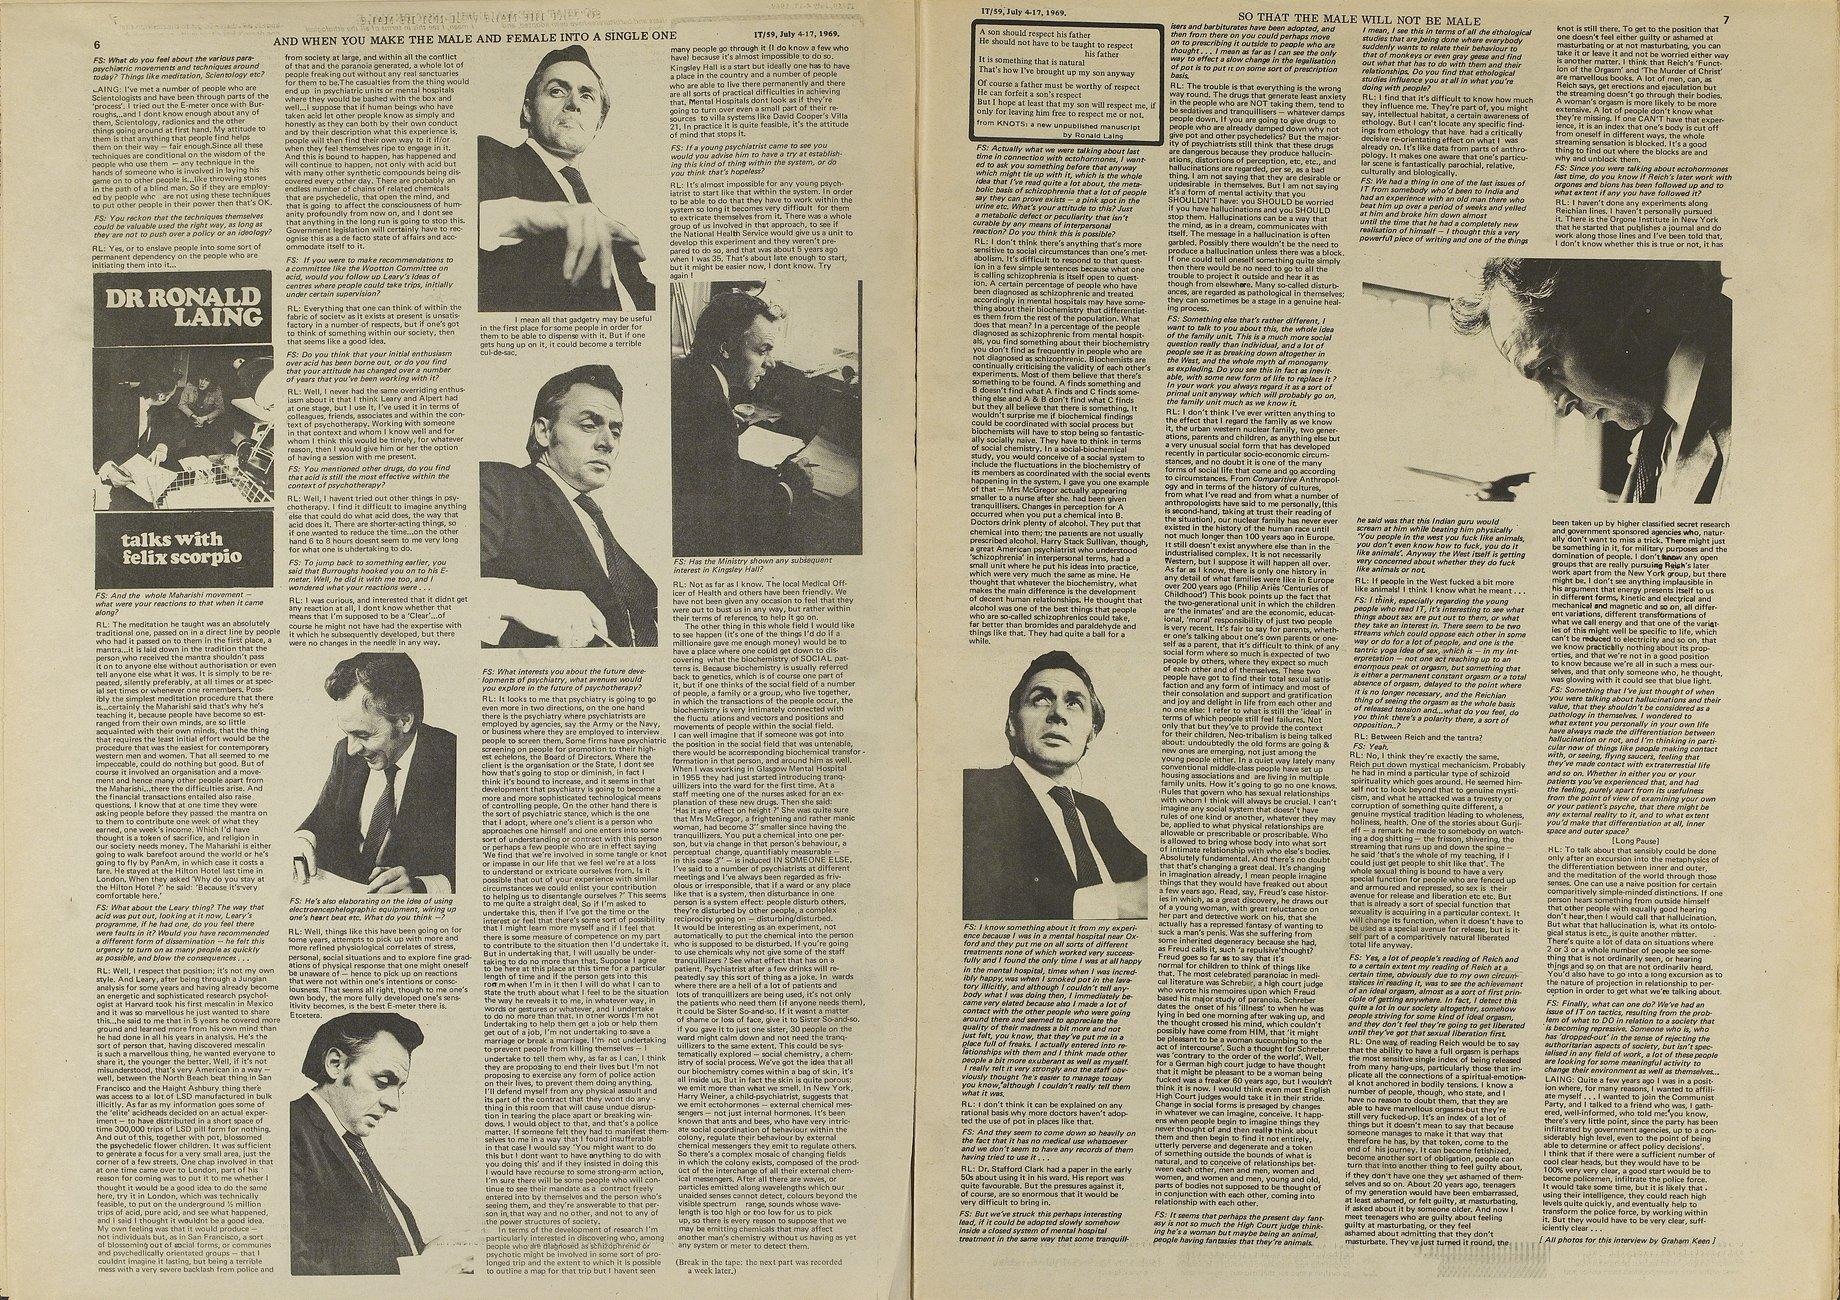 IT_1969-07-04_B-IT-Volume-1_Iss-59_006-007